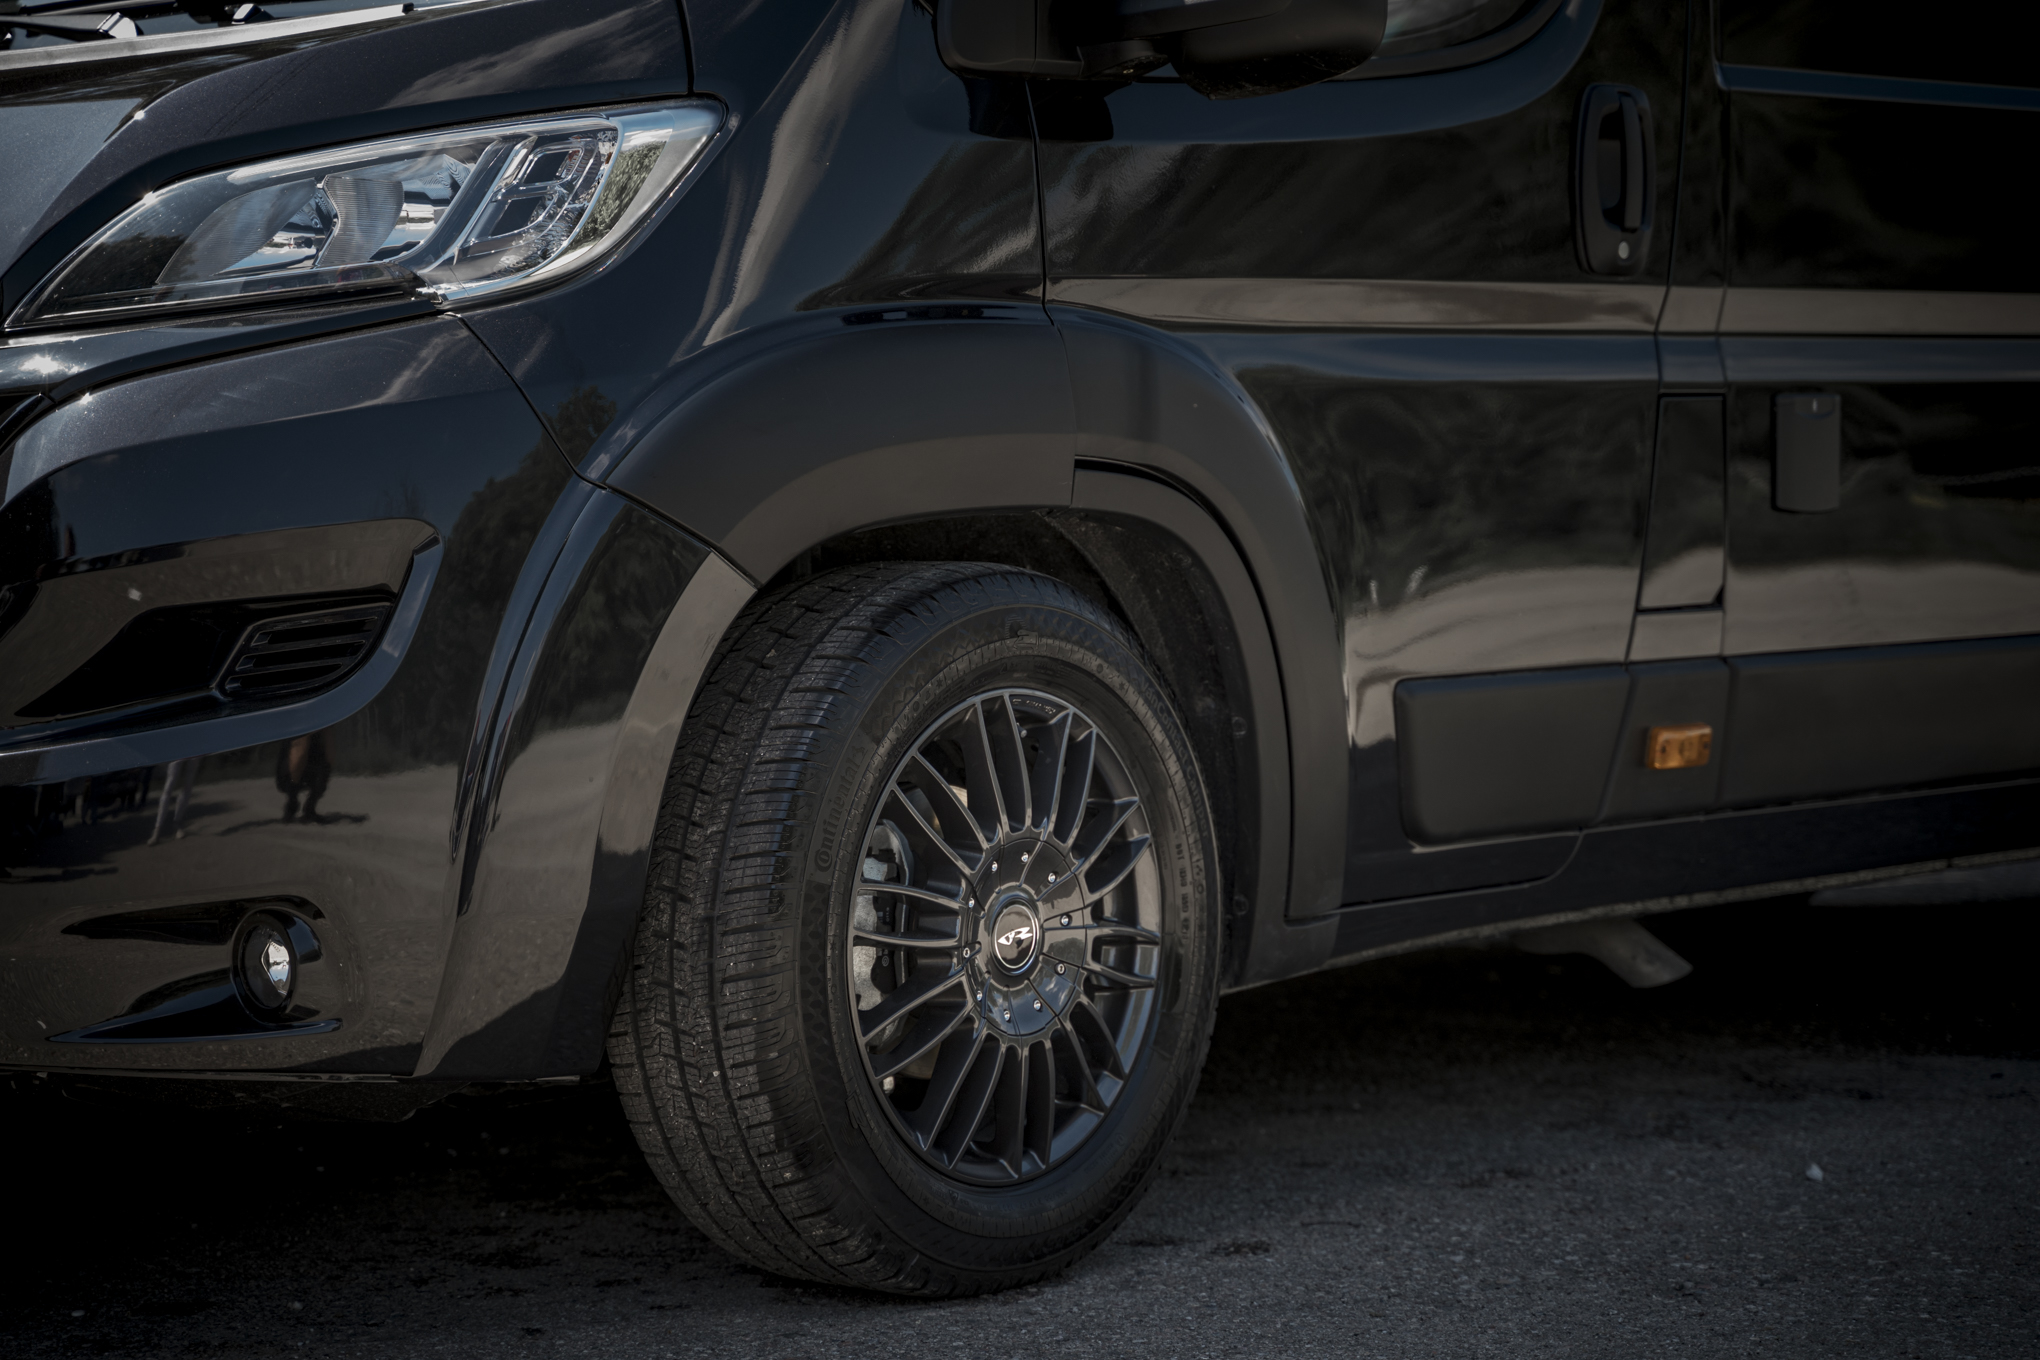 VR-motorhomes VR-vans 18zoll wheels alufelgen citroen jumper fiat ducato camper wohnmobil